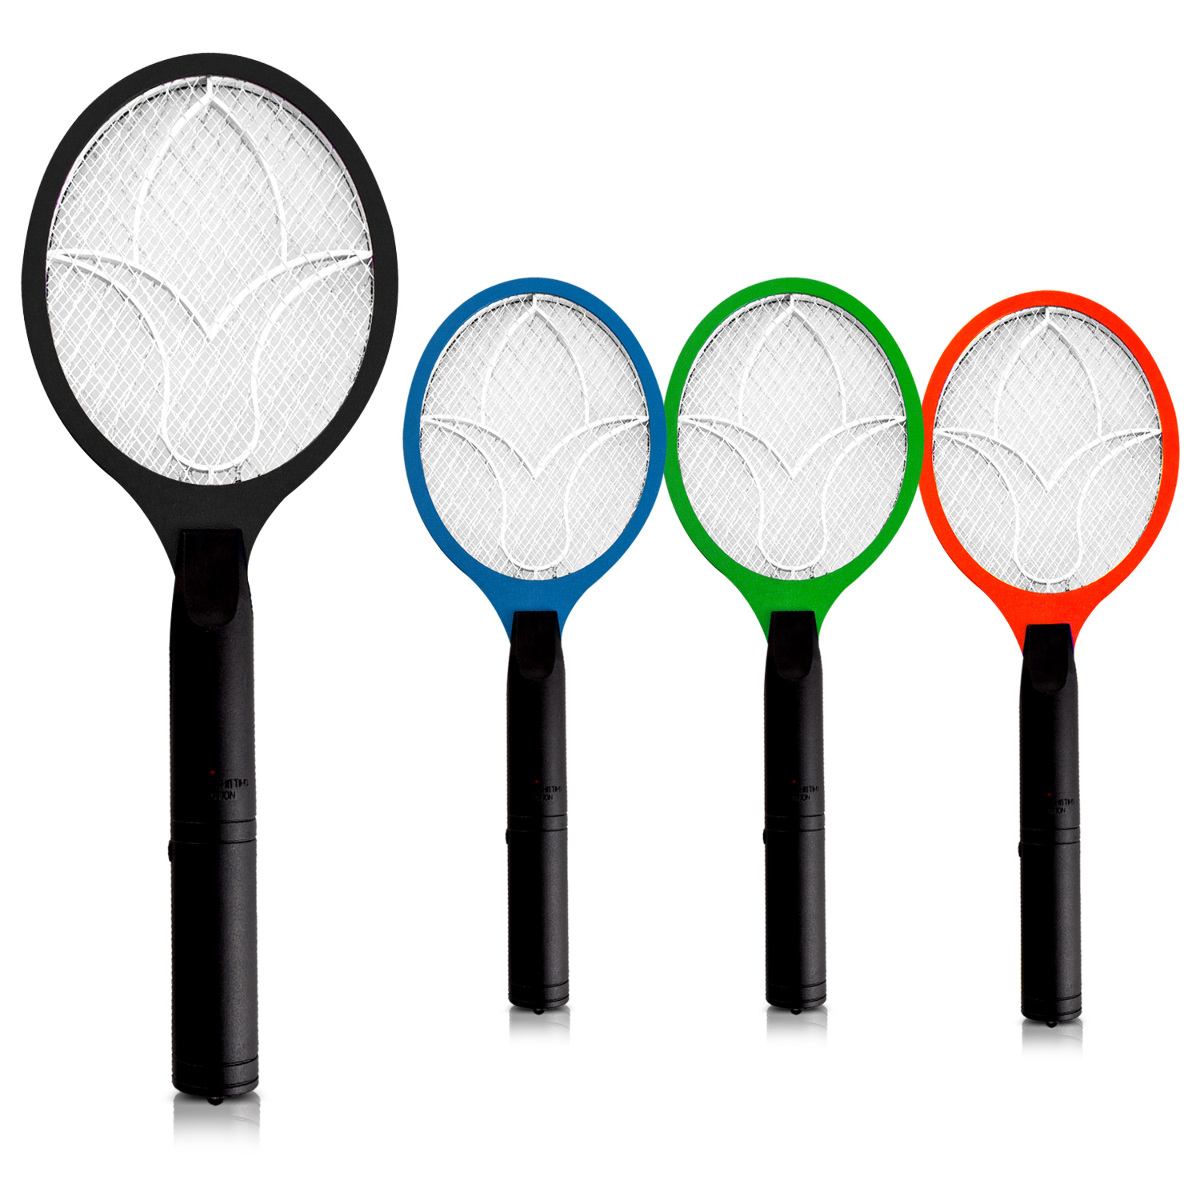 tapette mouche lectrique raquette anti insectes contre mouches moustiques ebay. Black Bedroom Furniture Sets. Home Design Ideas